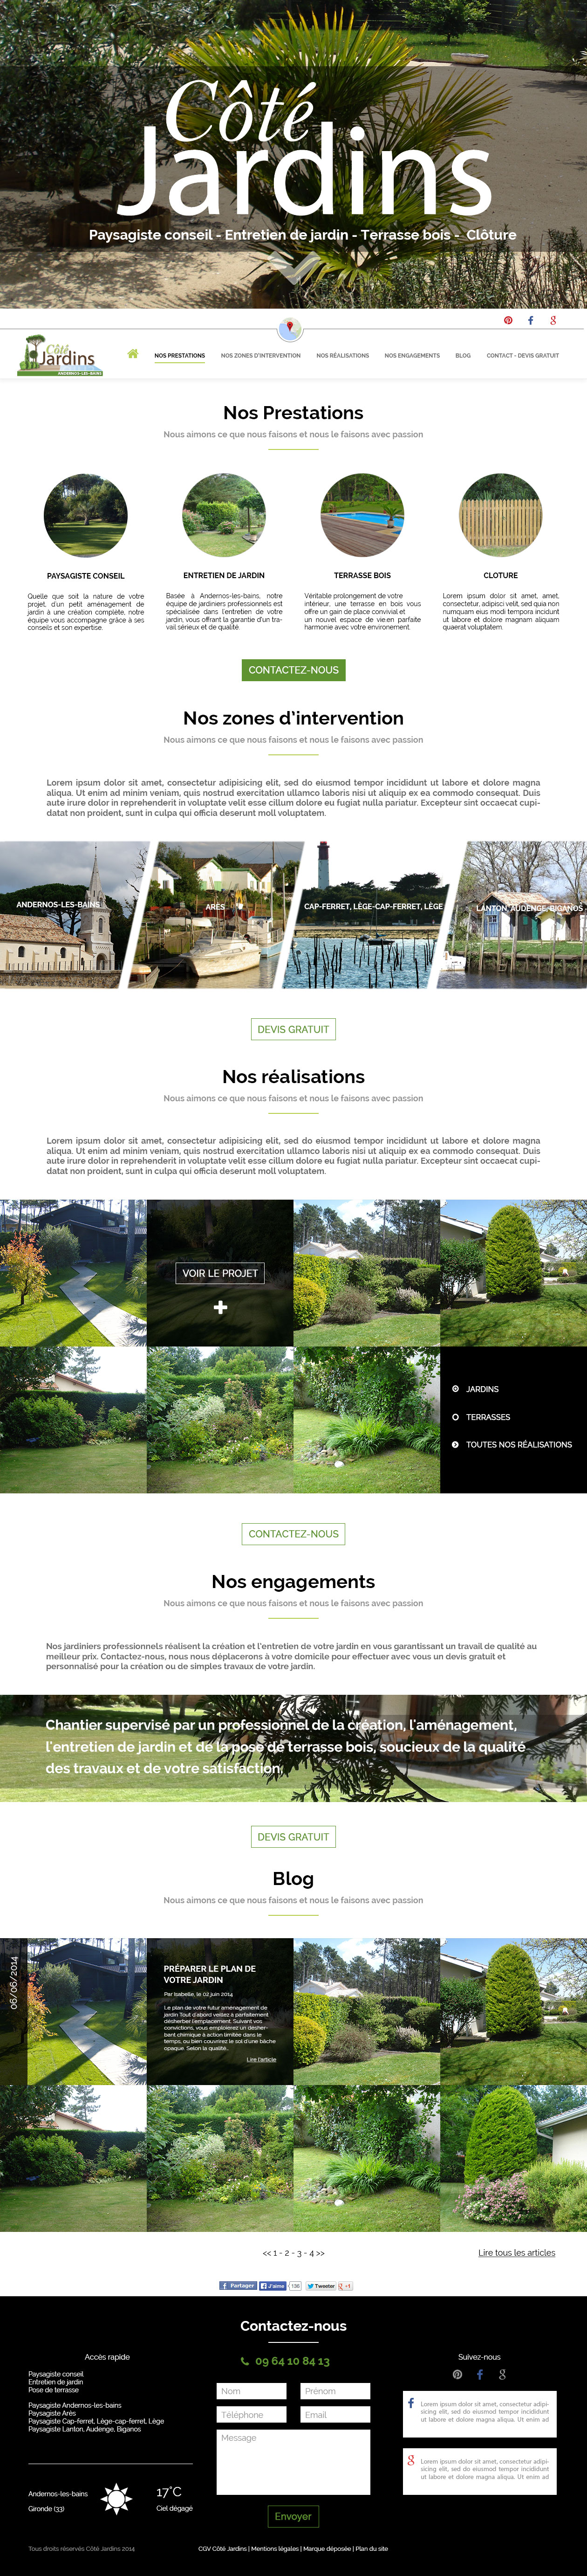 Webdesign De La Page D Accueil Cote Jardins Paysagiste Jardins Page D Accueil